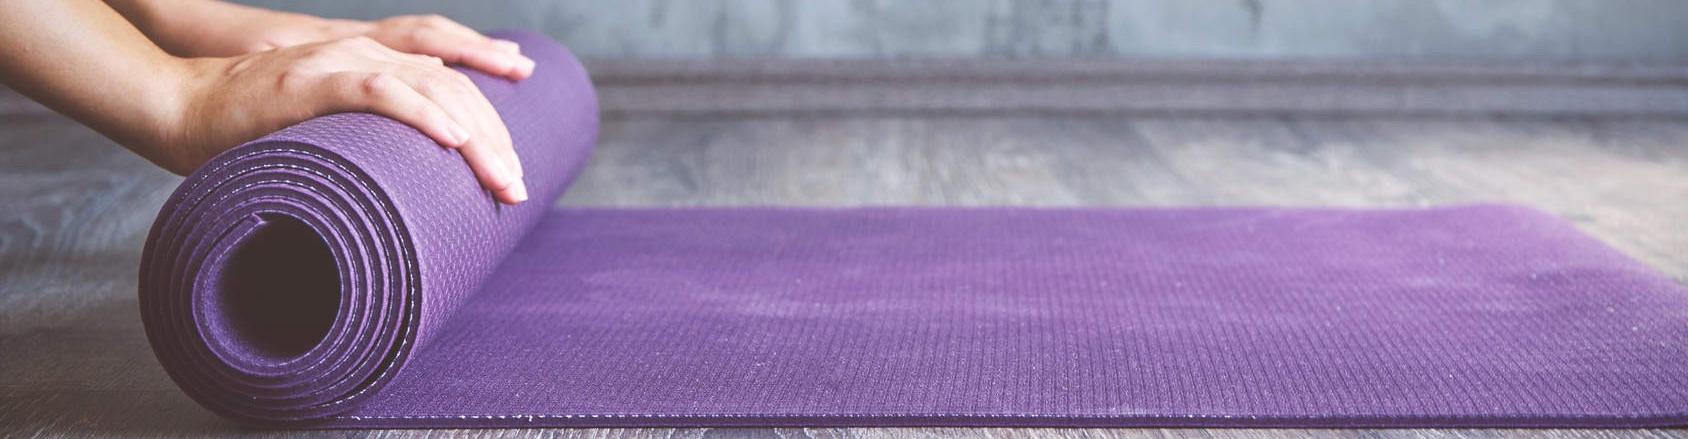 offene kurse bei spirit yoga und clays in berlin. Black Bedroom Furniture Sets. Home Design Ideas